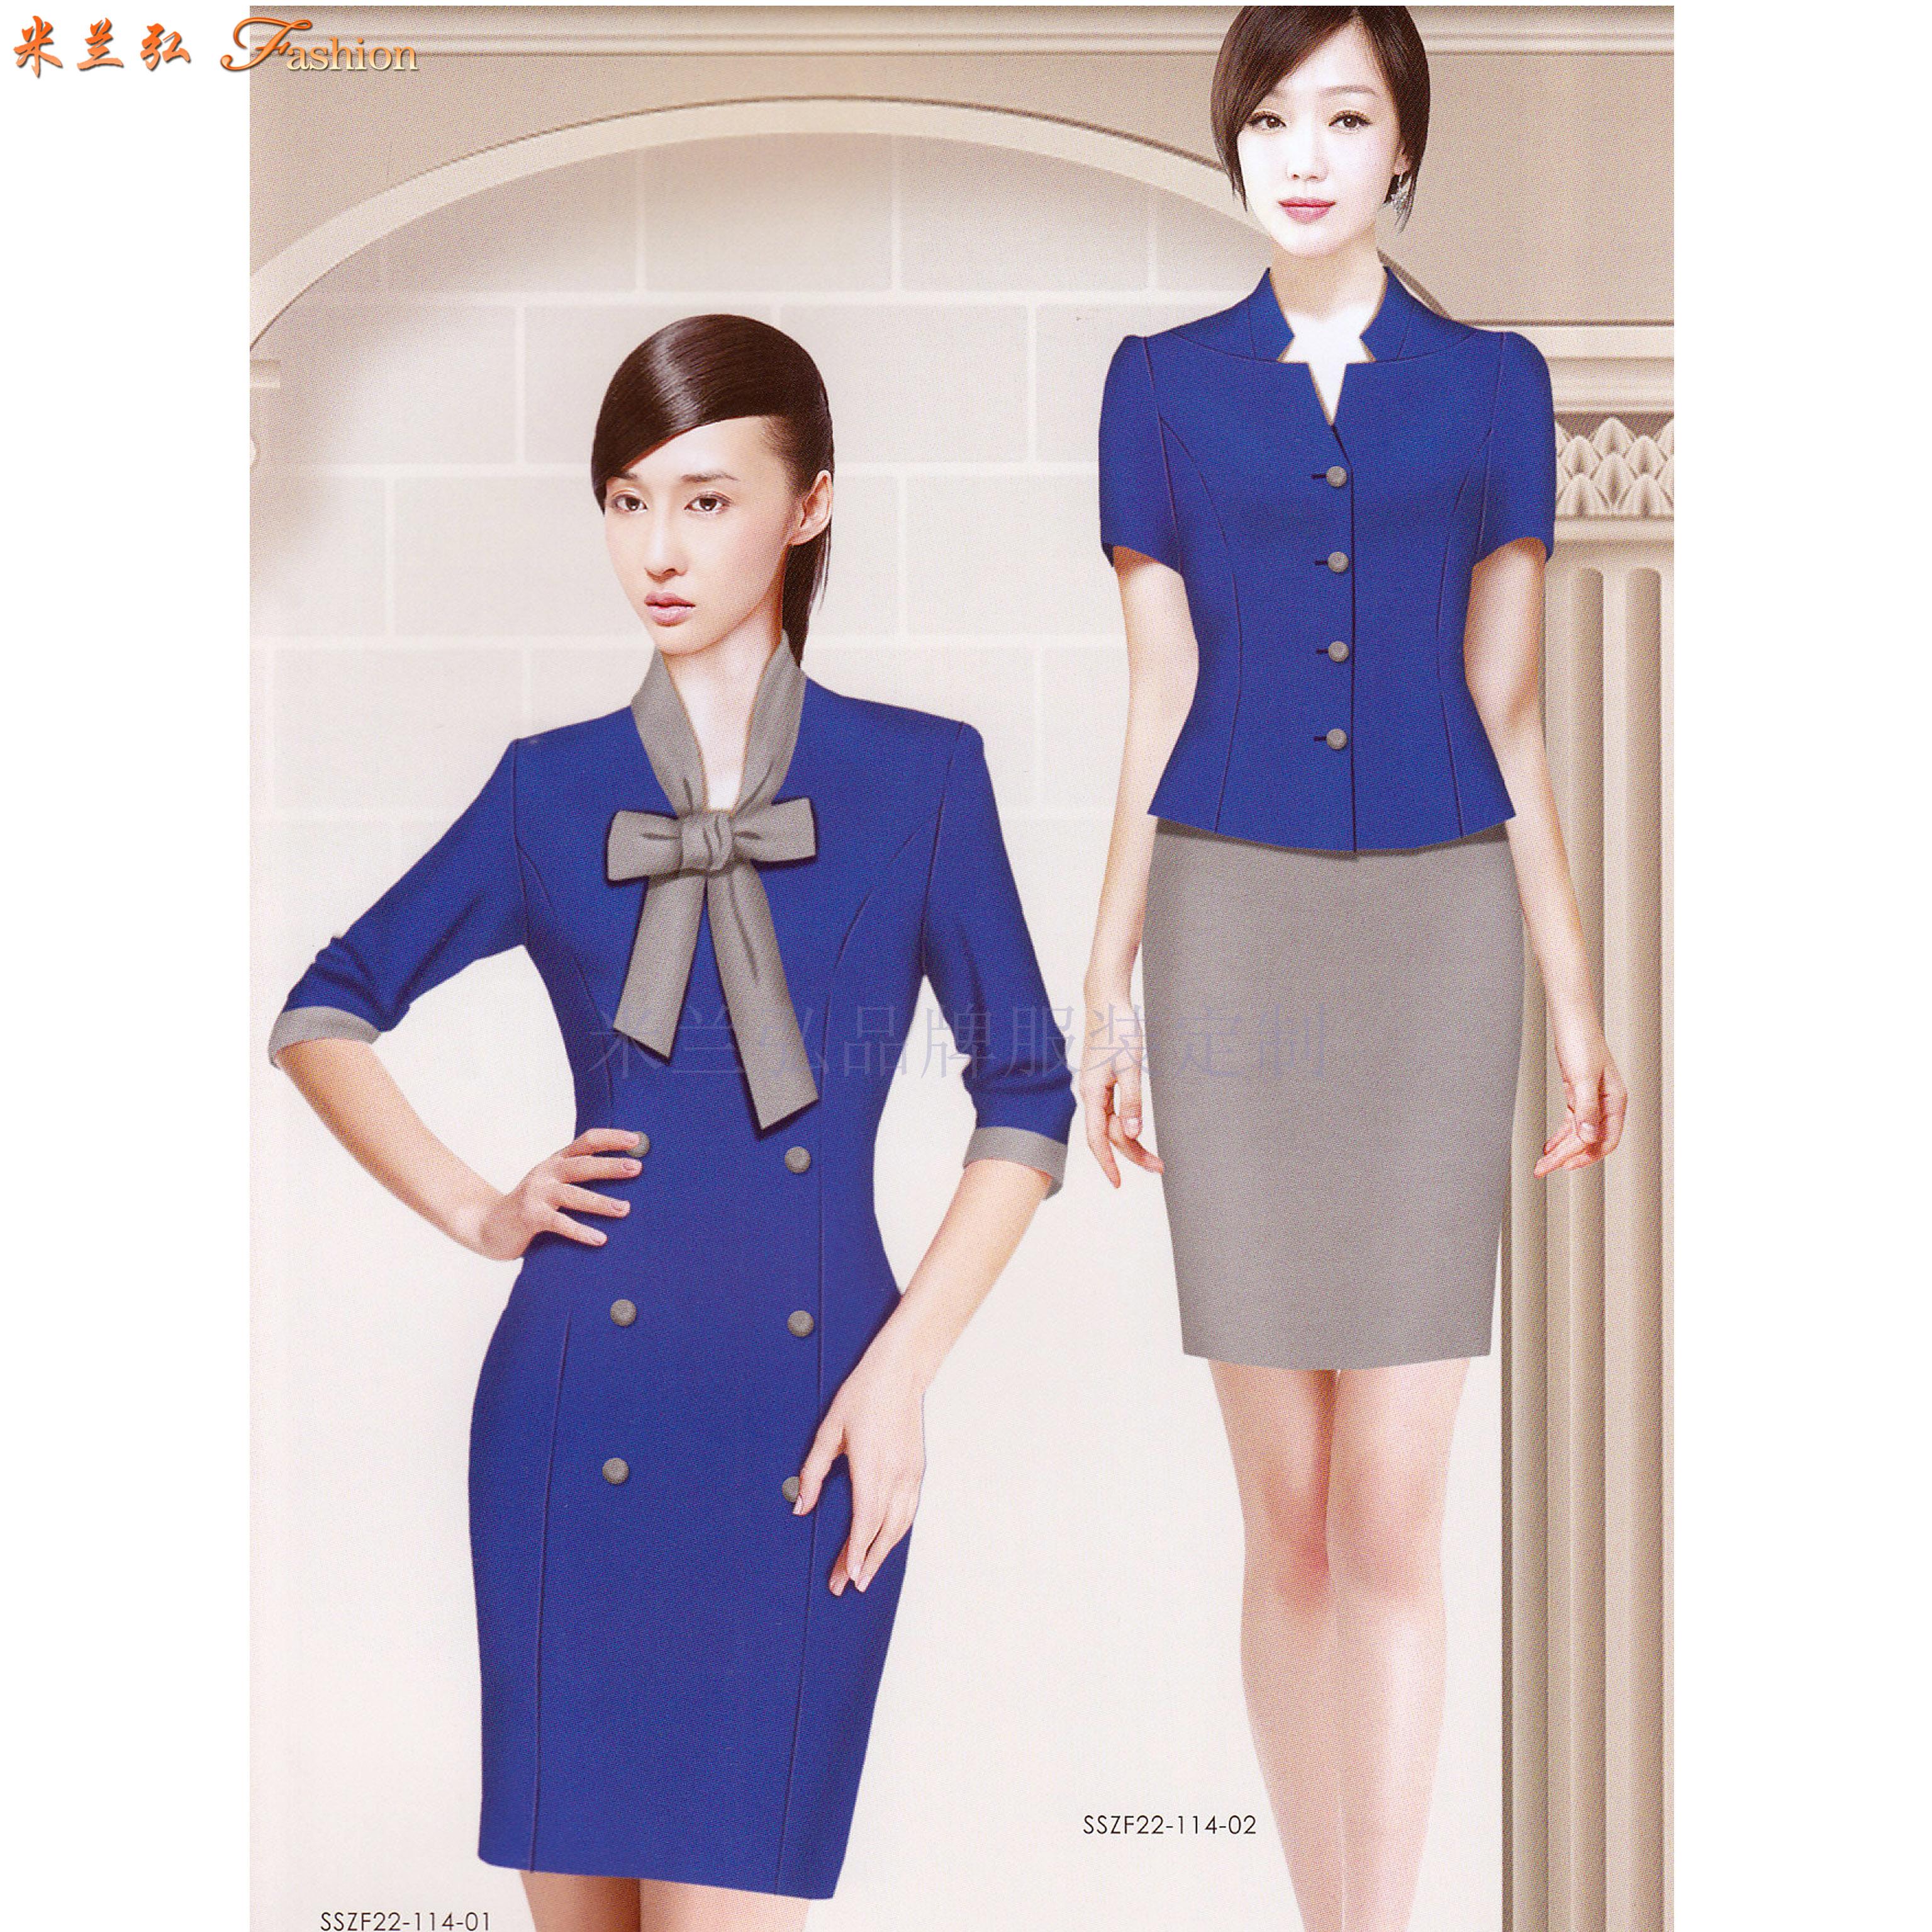 「地鐵職業裝」北京地鐵職業裝定做誠信可靠公司-米蘭弘服裝-4